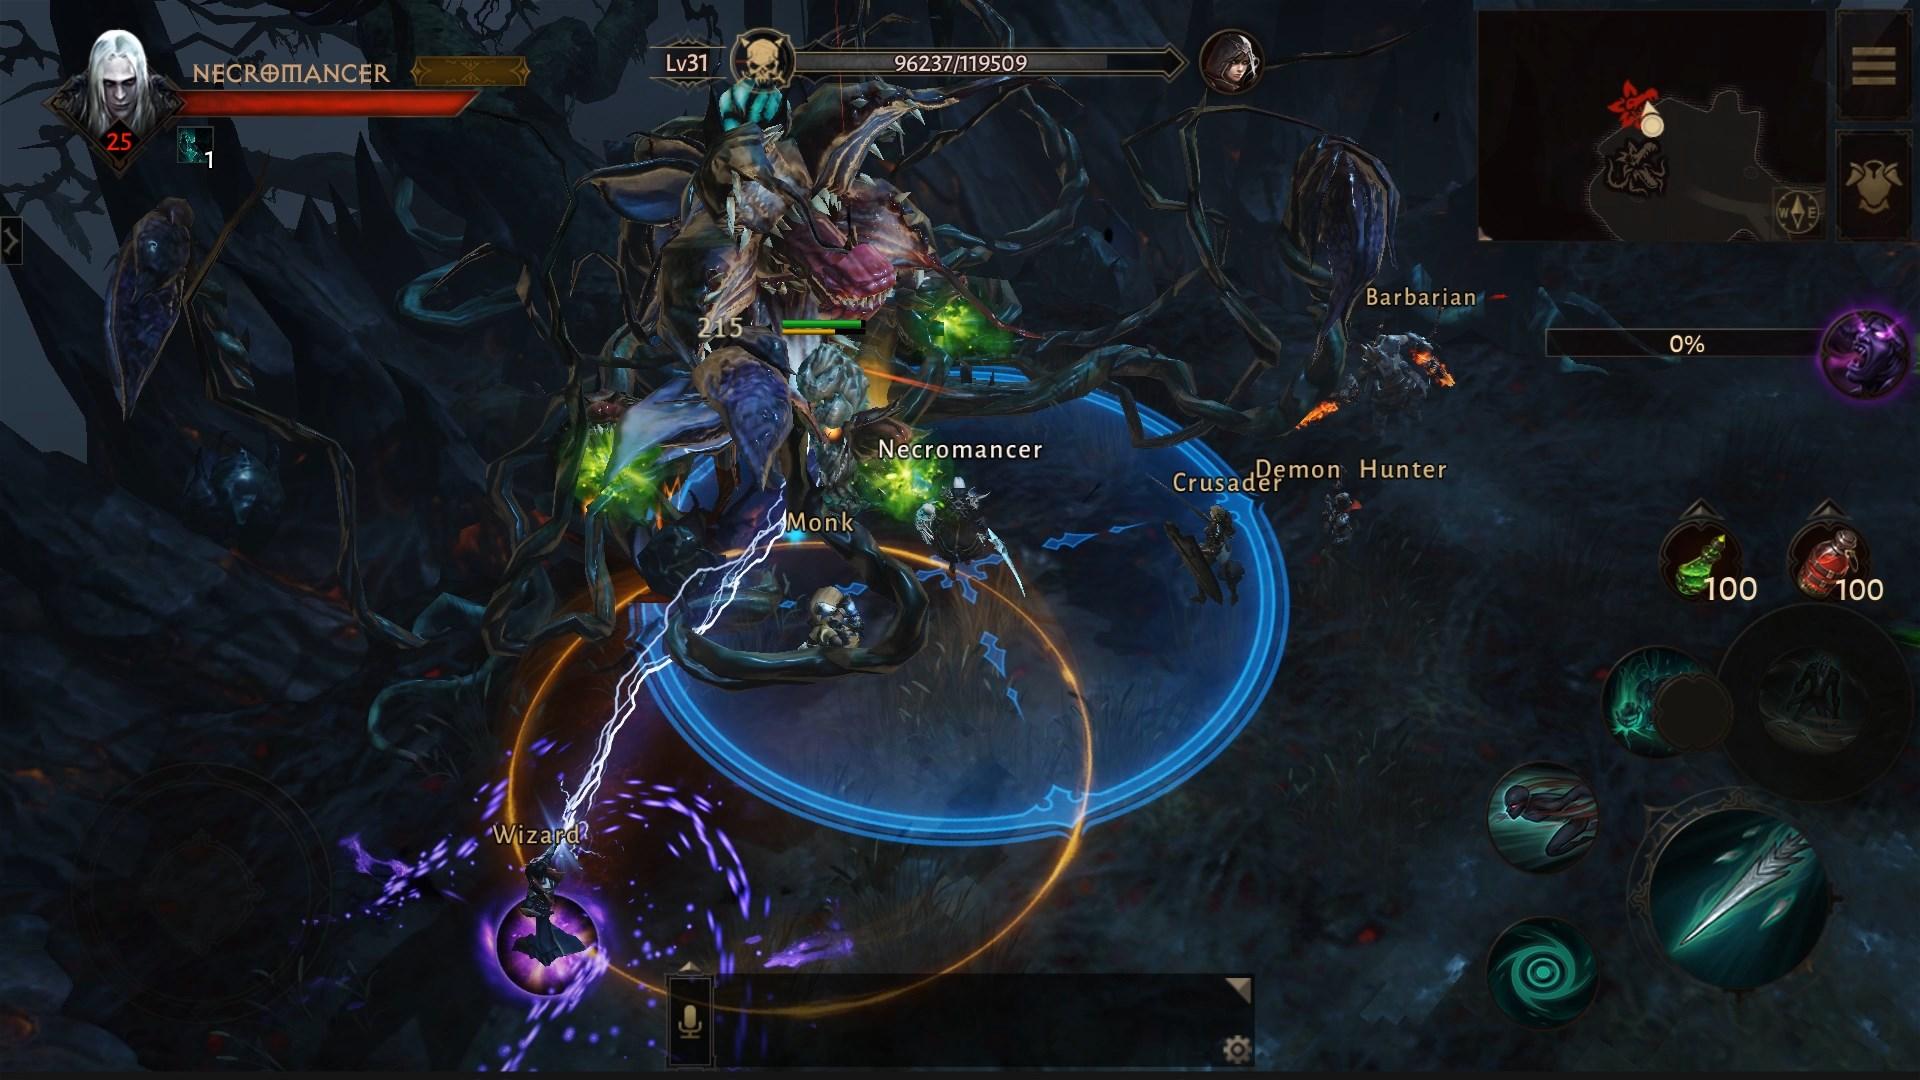 Альфа-тестирование Diablo Immortal официально стартовало! Новая информация от компании Blizzard